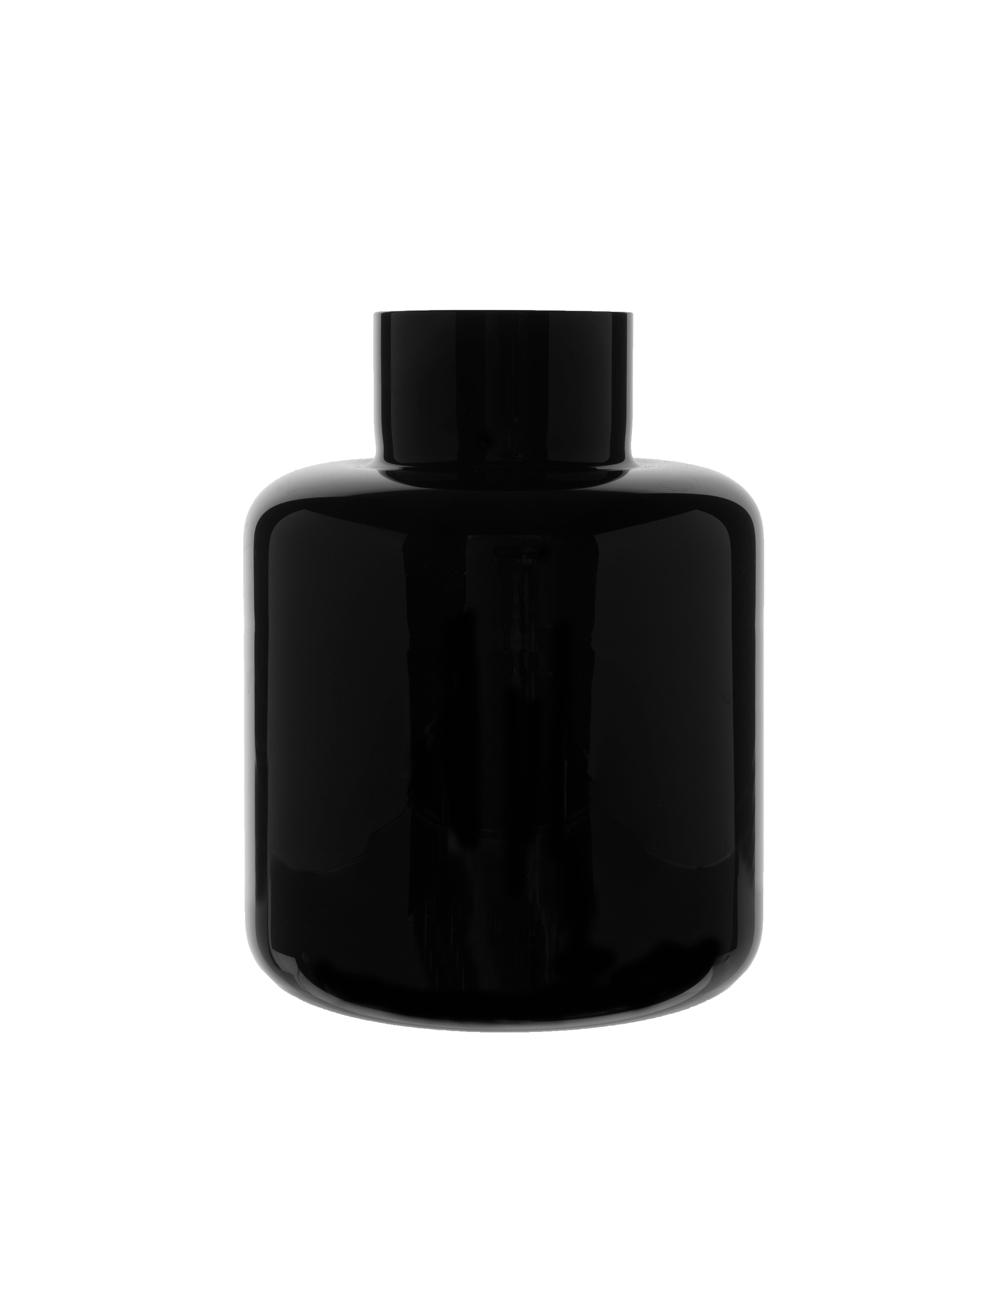 Black PONNY Vase